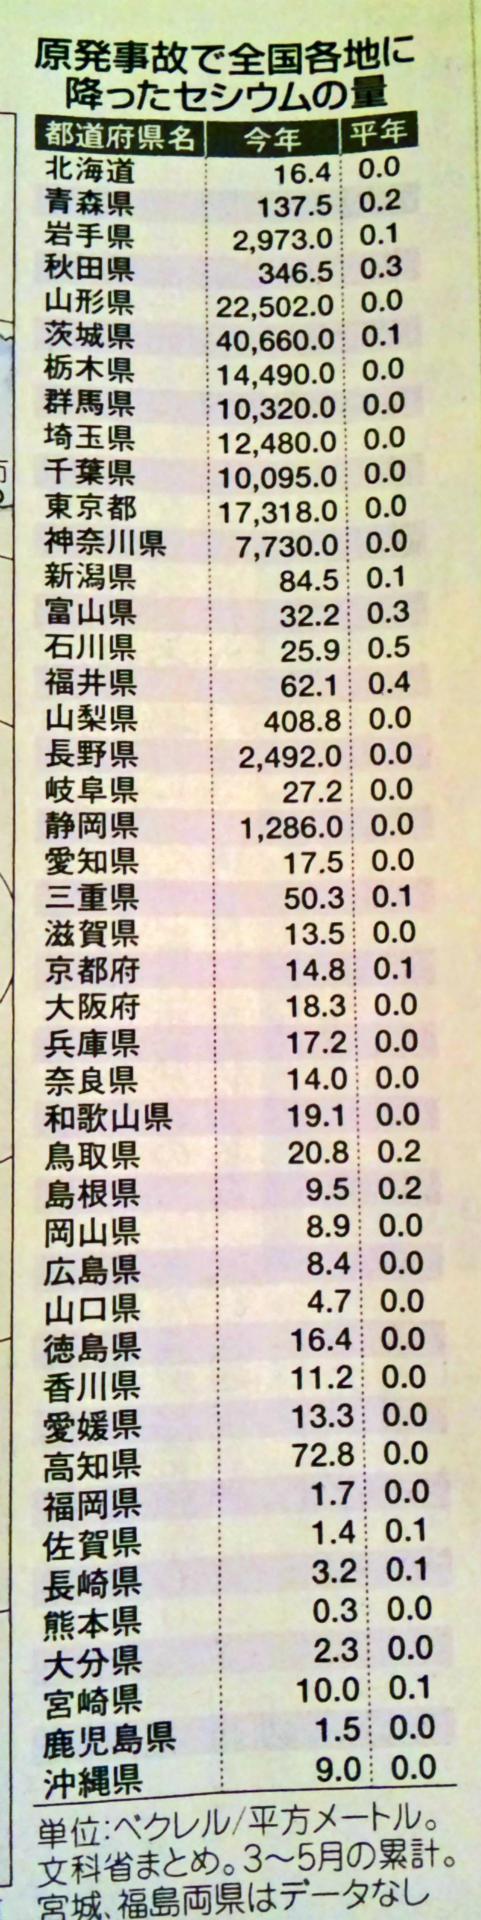 福島原発の放射性物質減少=太平洋で事故前並みに―国際調査